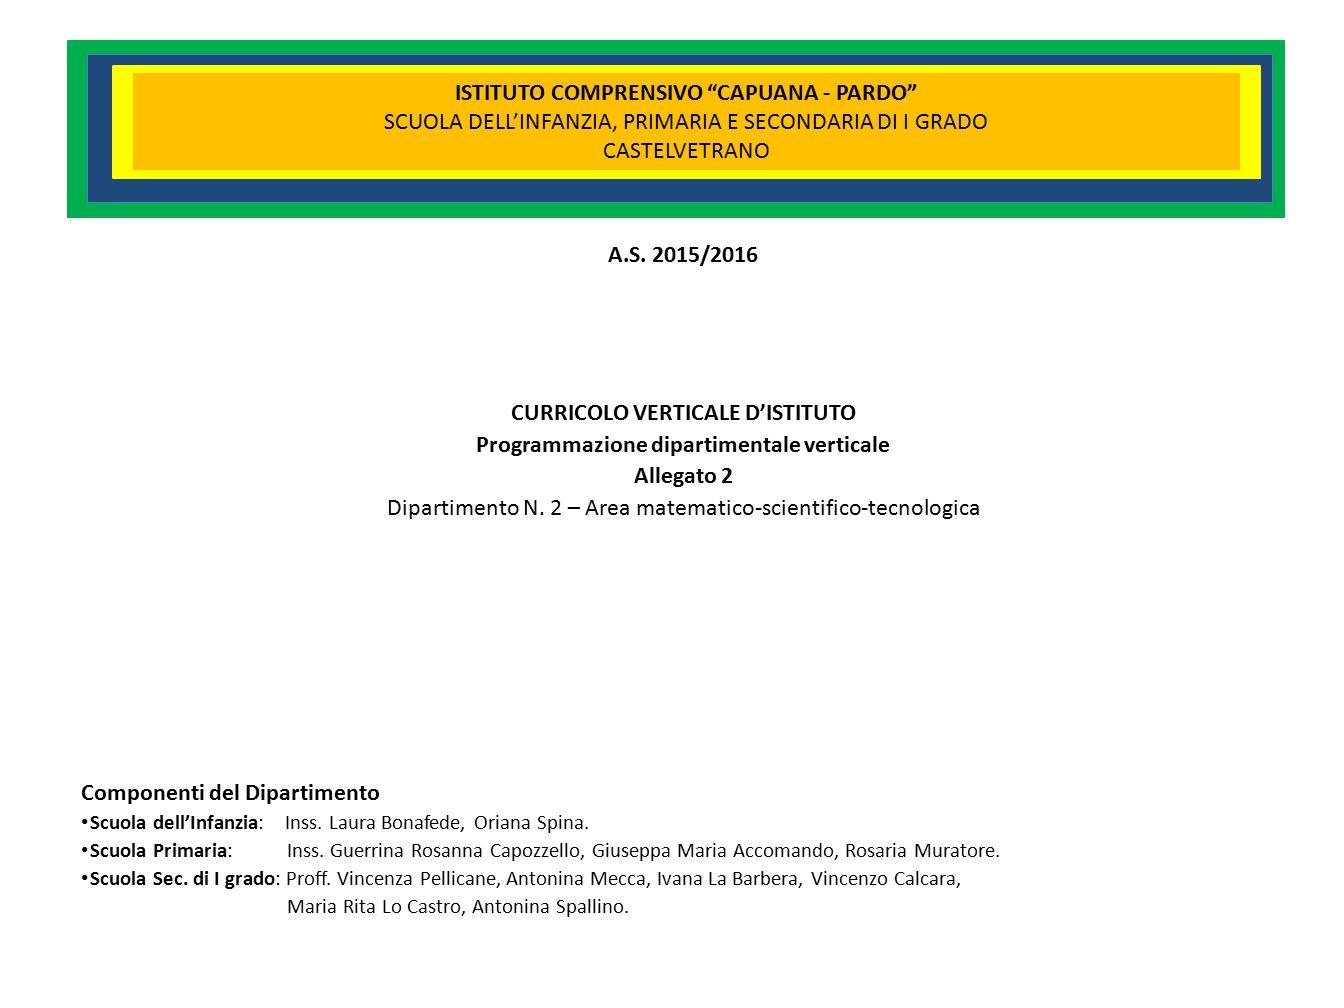 CURRICOLO VERTICALE D ISTITUTO Programmazione Dipartimentale